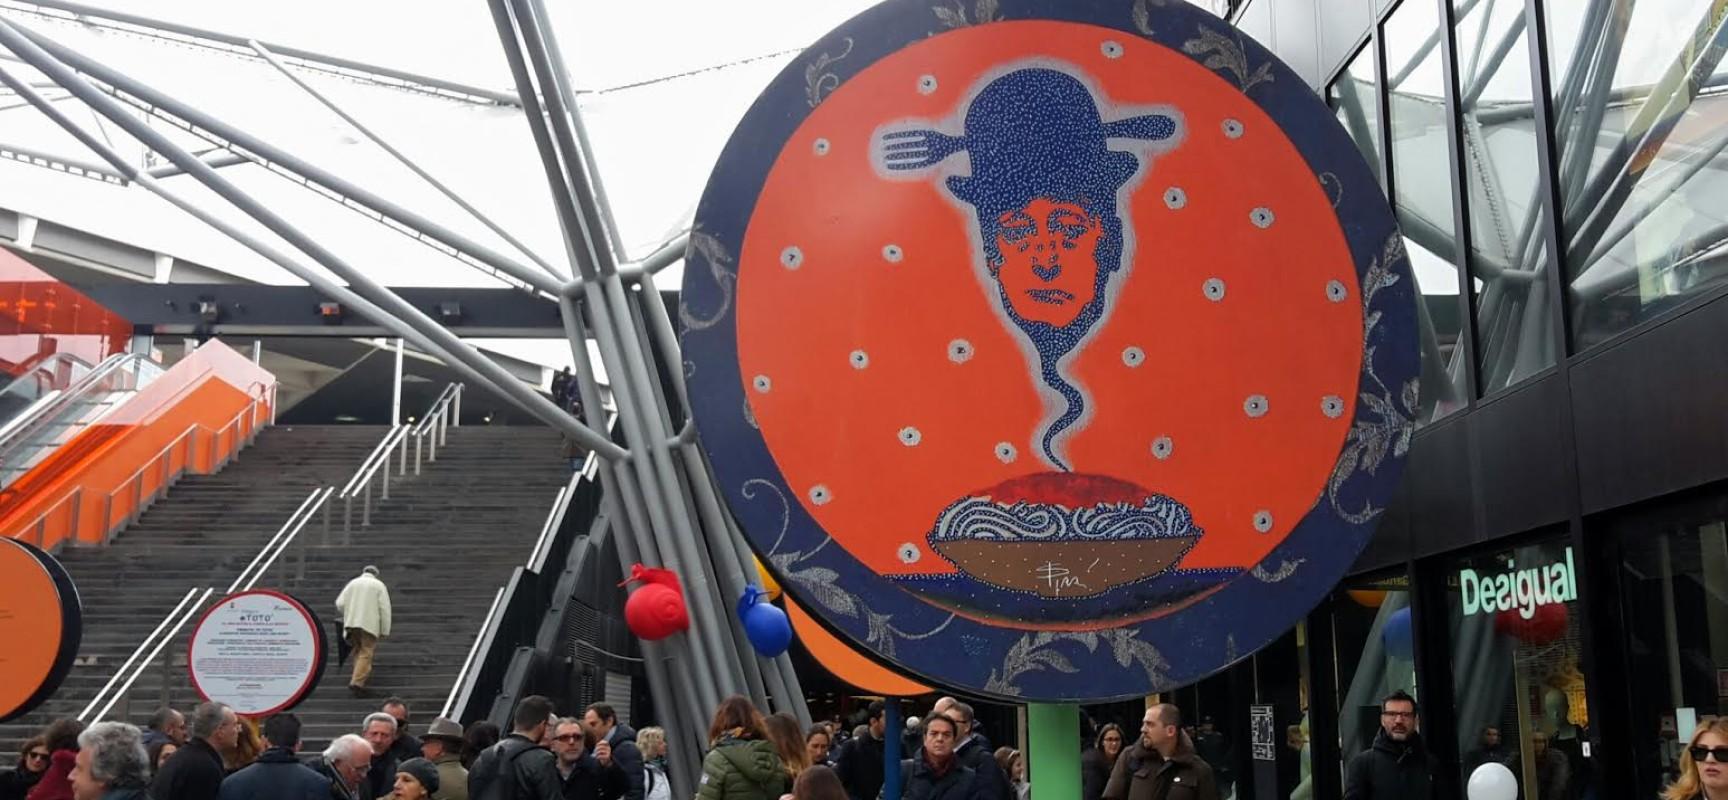 MAGGIO MONUMENTI 2017 a TOTO', il bando per partecipare